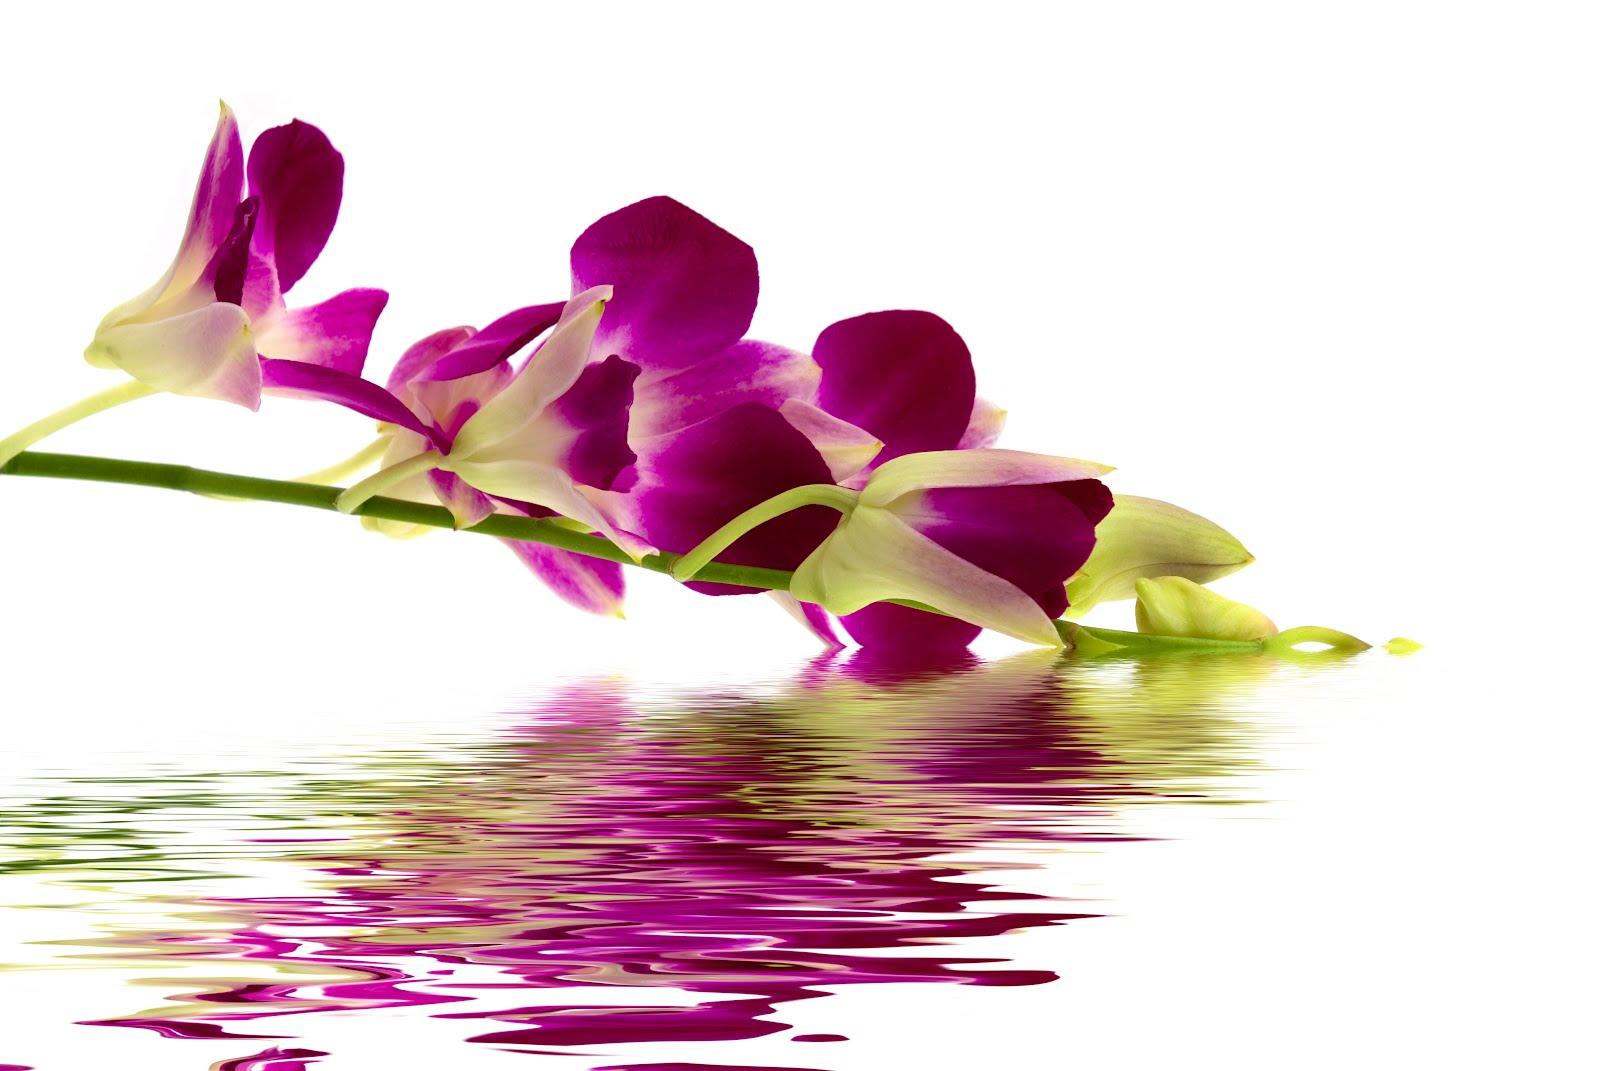 Fotos de Orquídeas Gratis